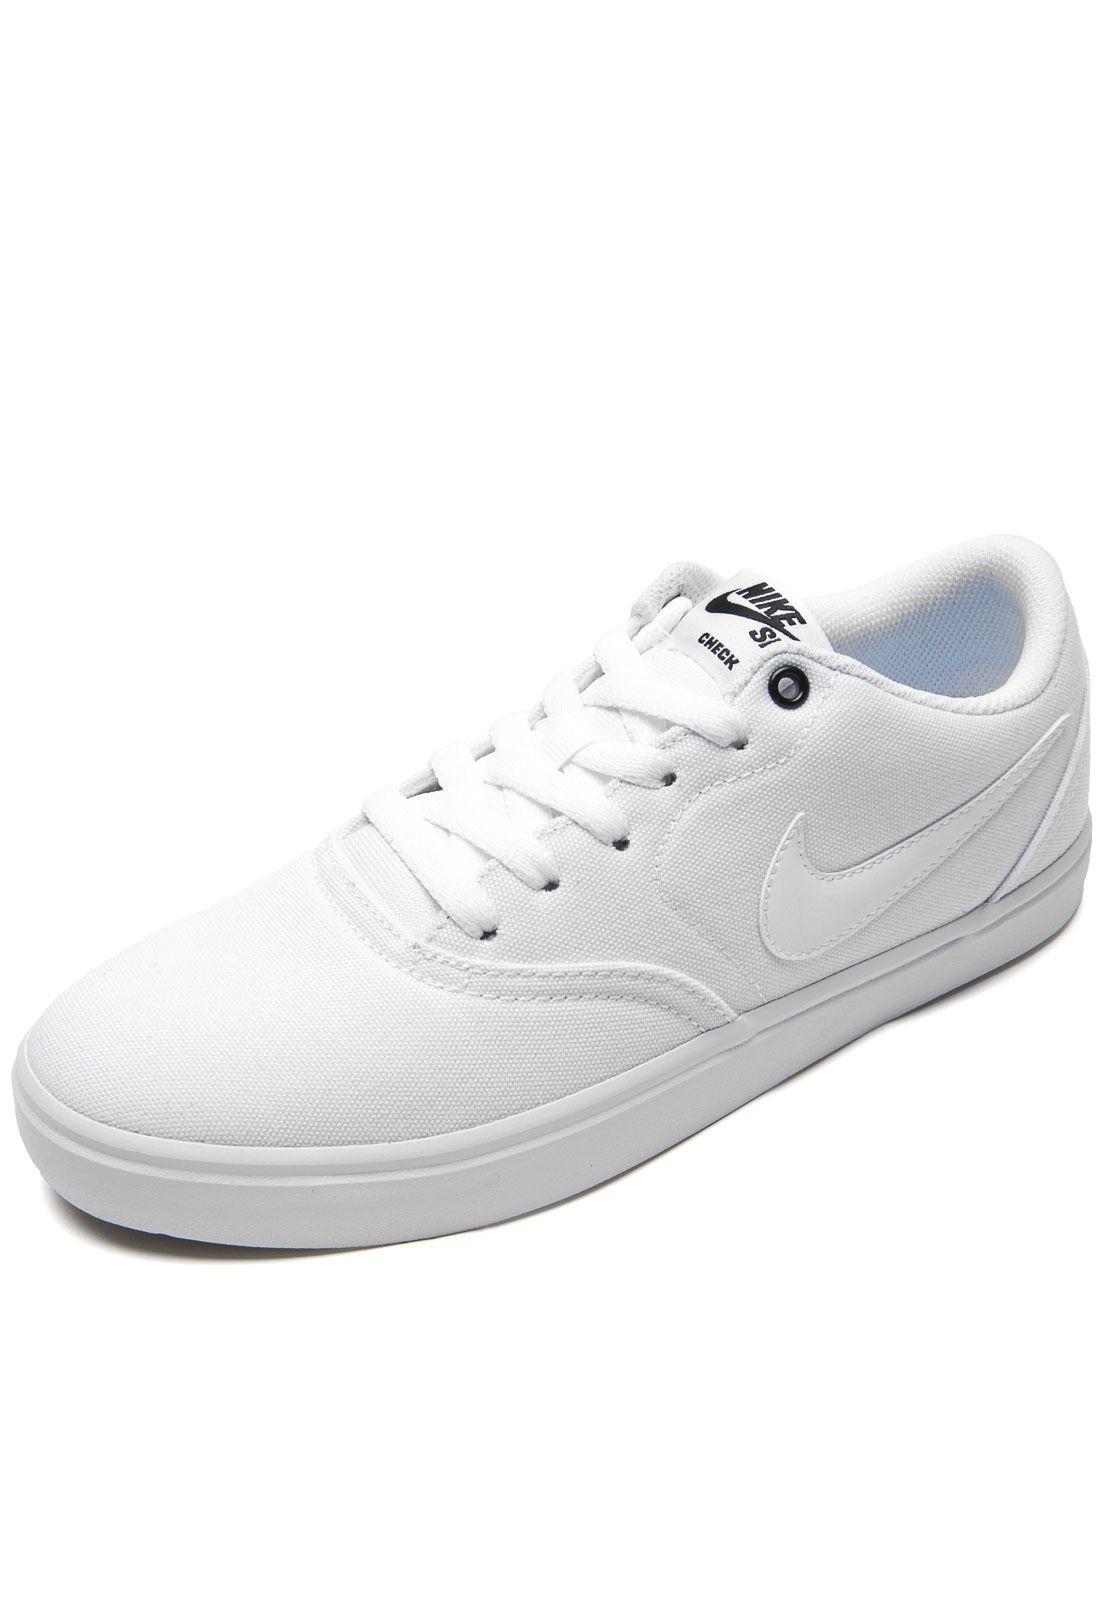 Tênis Nike SB Check Solar Canvas Branco - Marca Nike SB 912c0e160ab7a